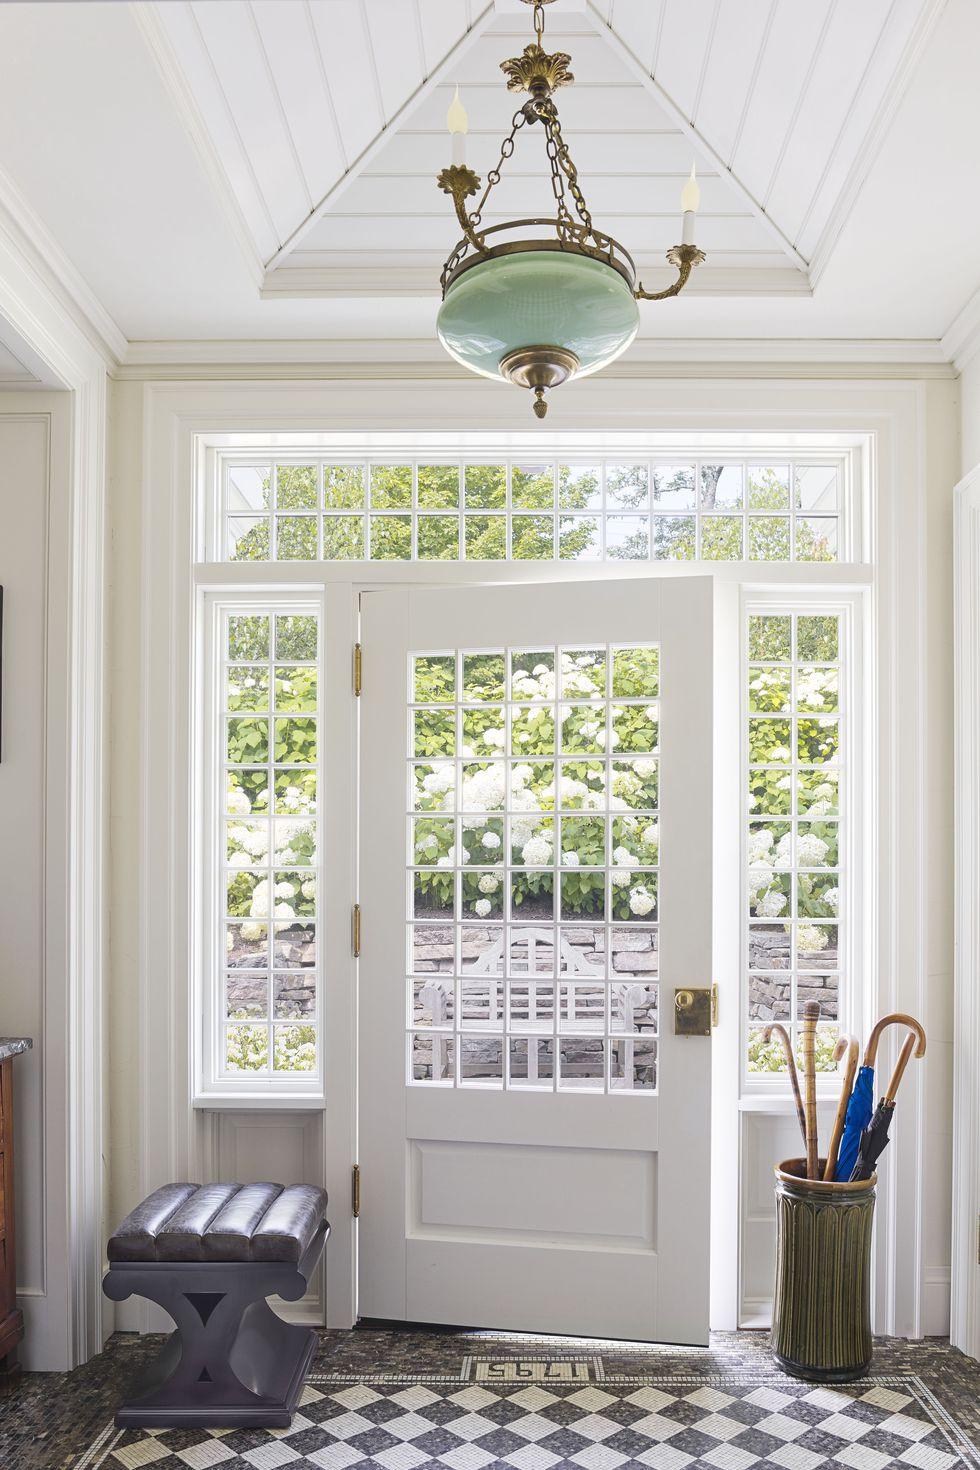 philip-mitchell-foyer-nova-scotia-veranda-1560270013.jpg